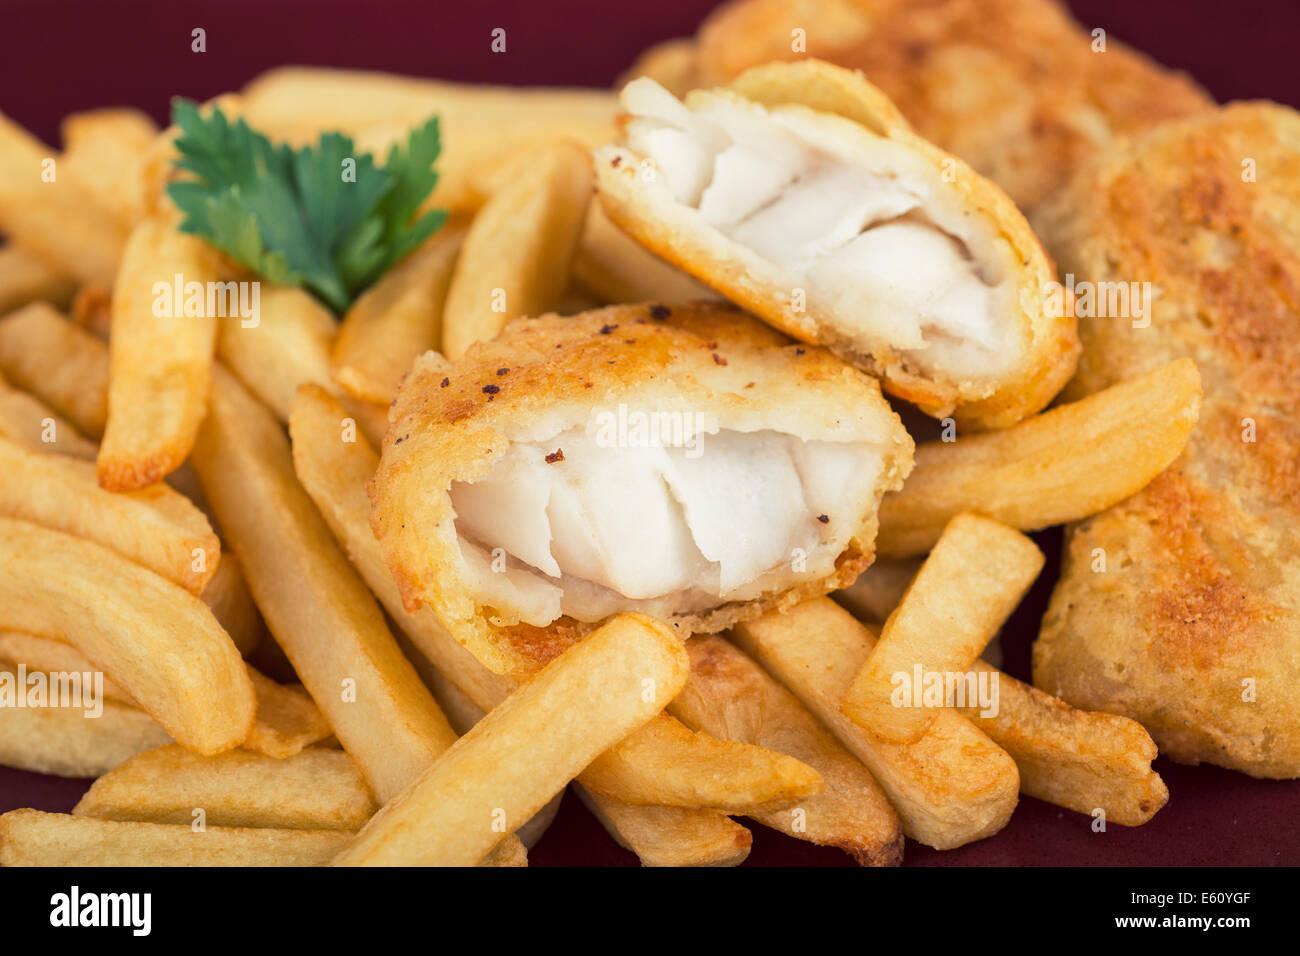 Poisson et frites, Filet de poisson battues avec des pommes de terre, frites Photo Stock